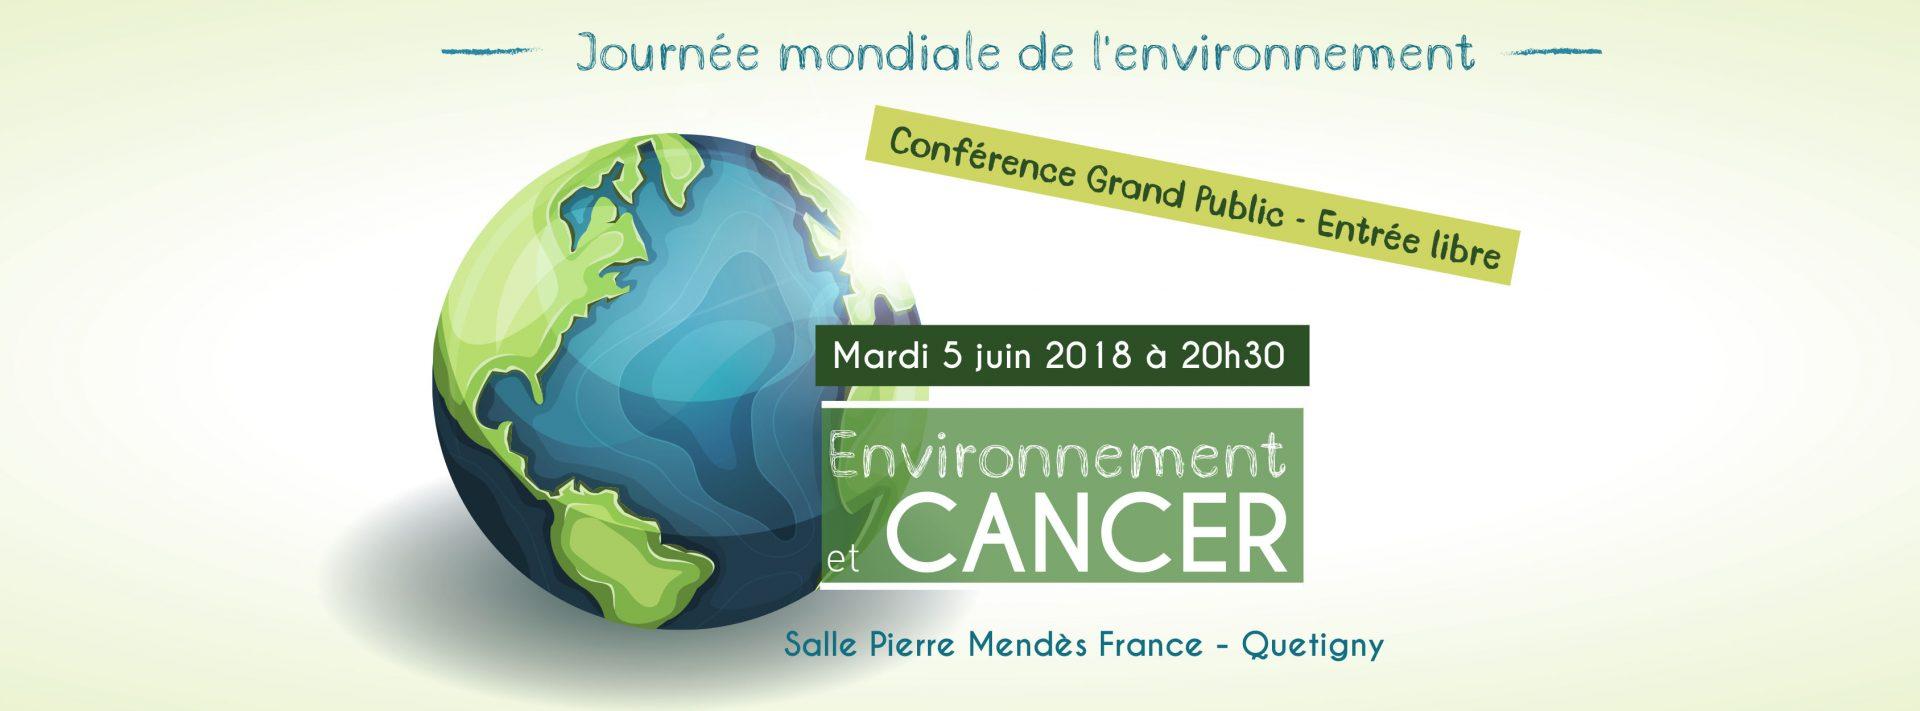 Cancer et environnement